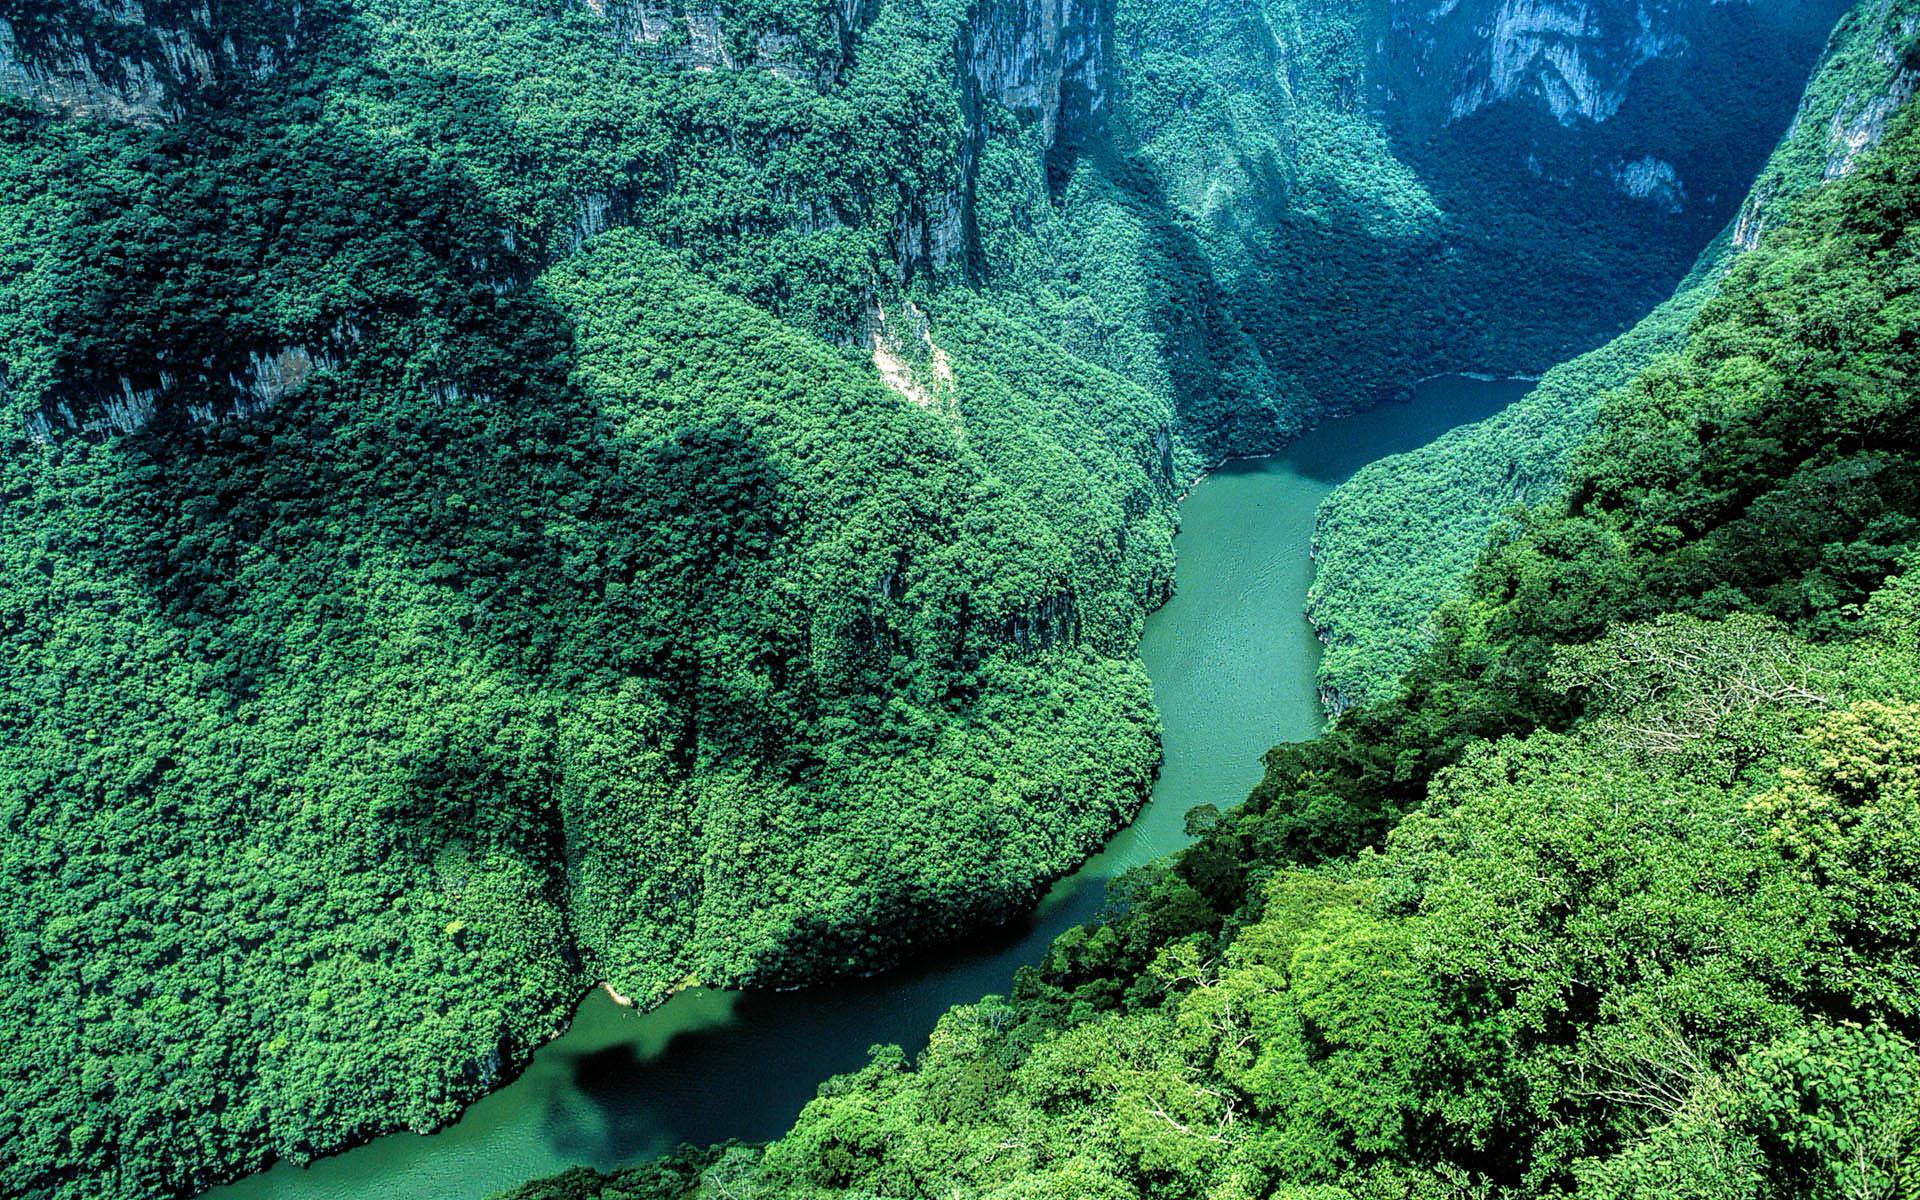 Sumidero Canyon Chiapas Mexico widescreen wallpaper Wide 1920x1200